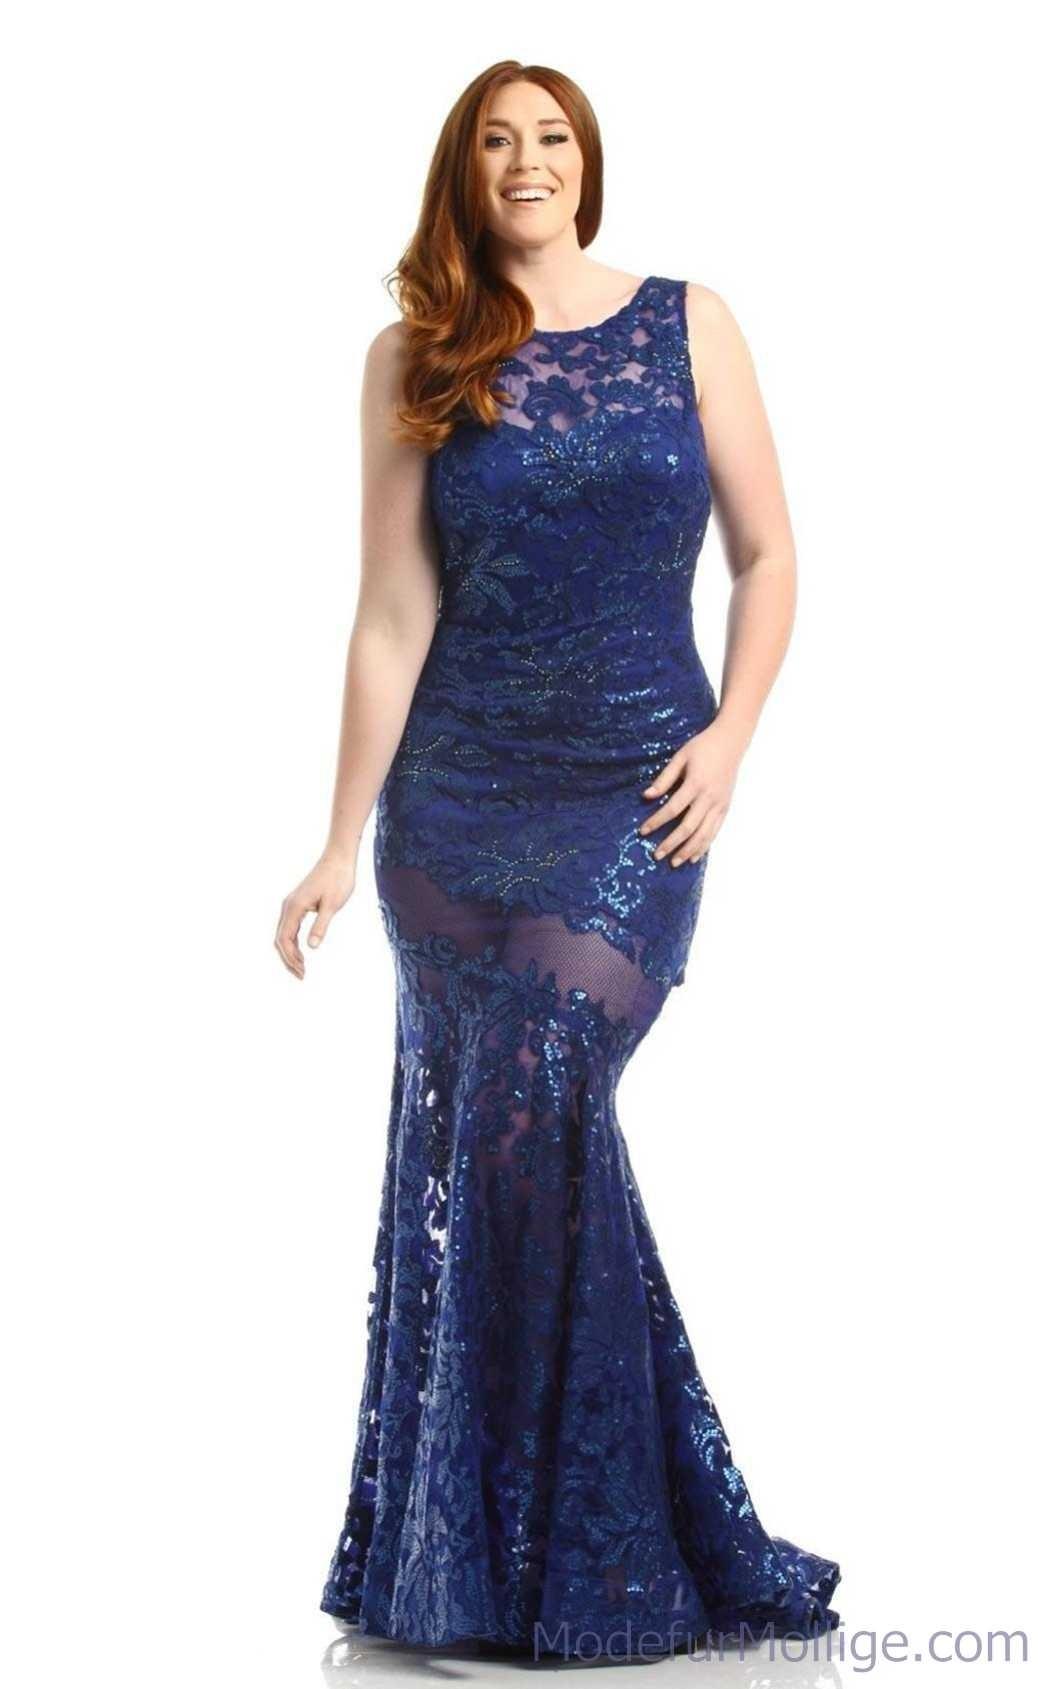 10 Fantastisch Abendkleider Für Mollige Spezialgebiet15 Luxus Abendkleider Für Mollige Boutique